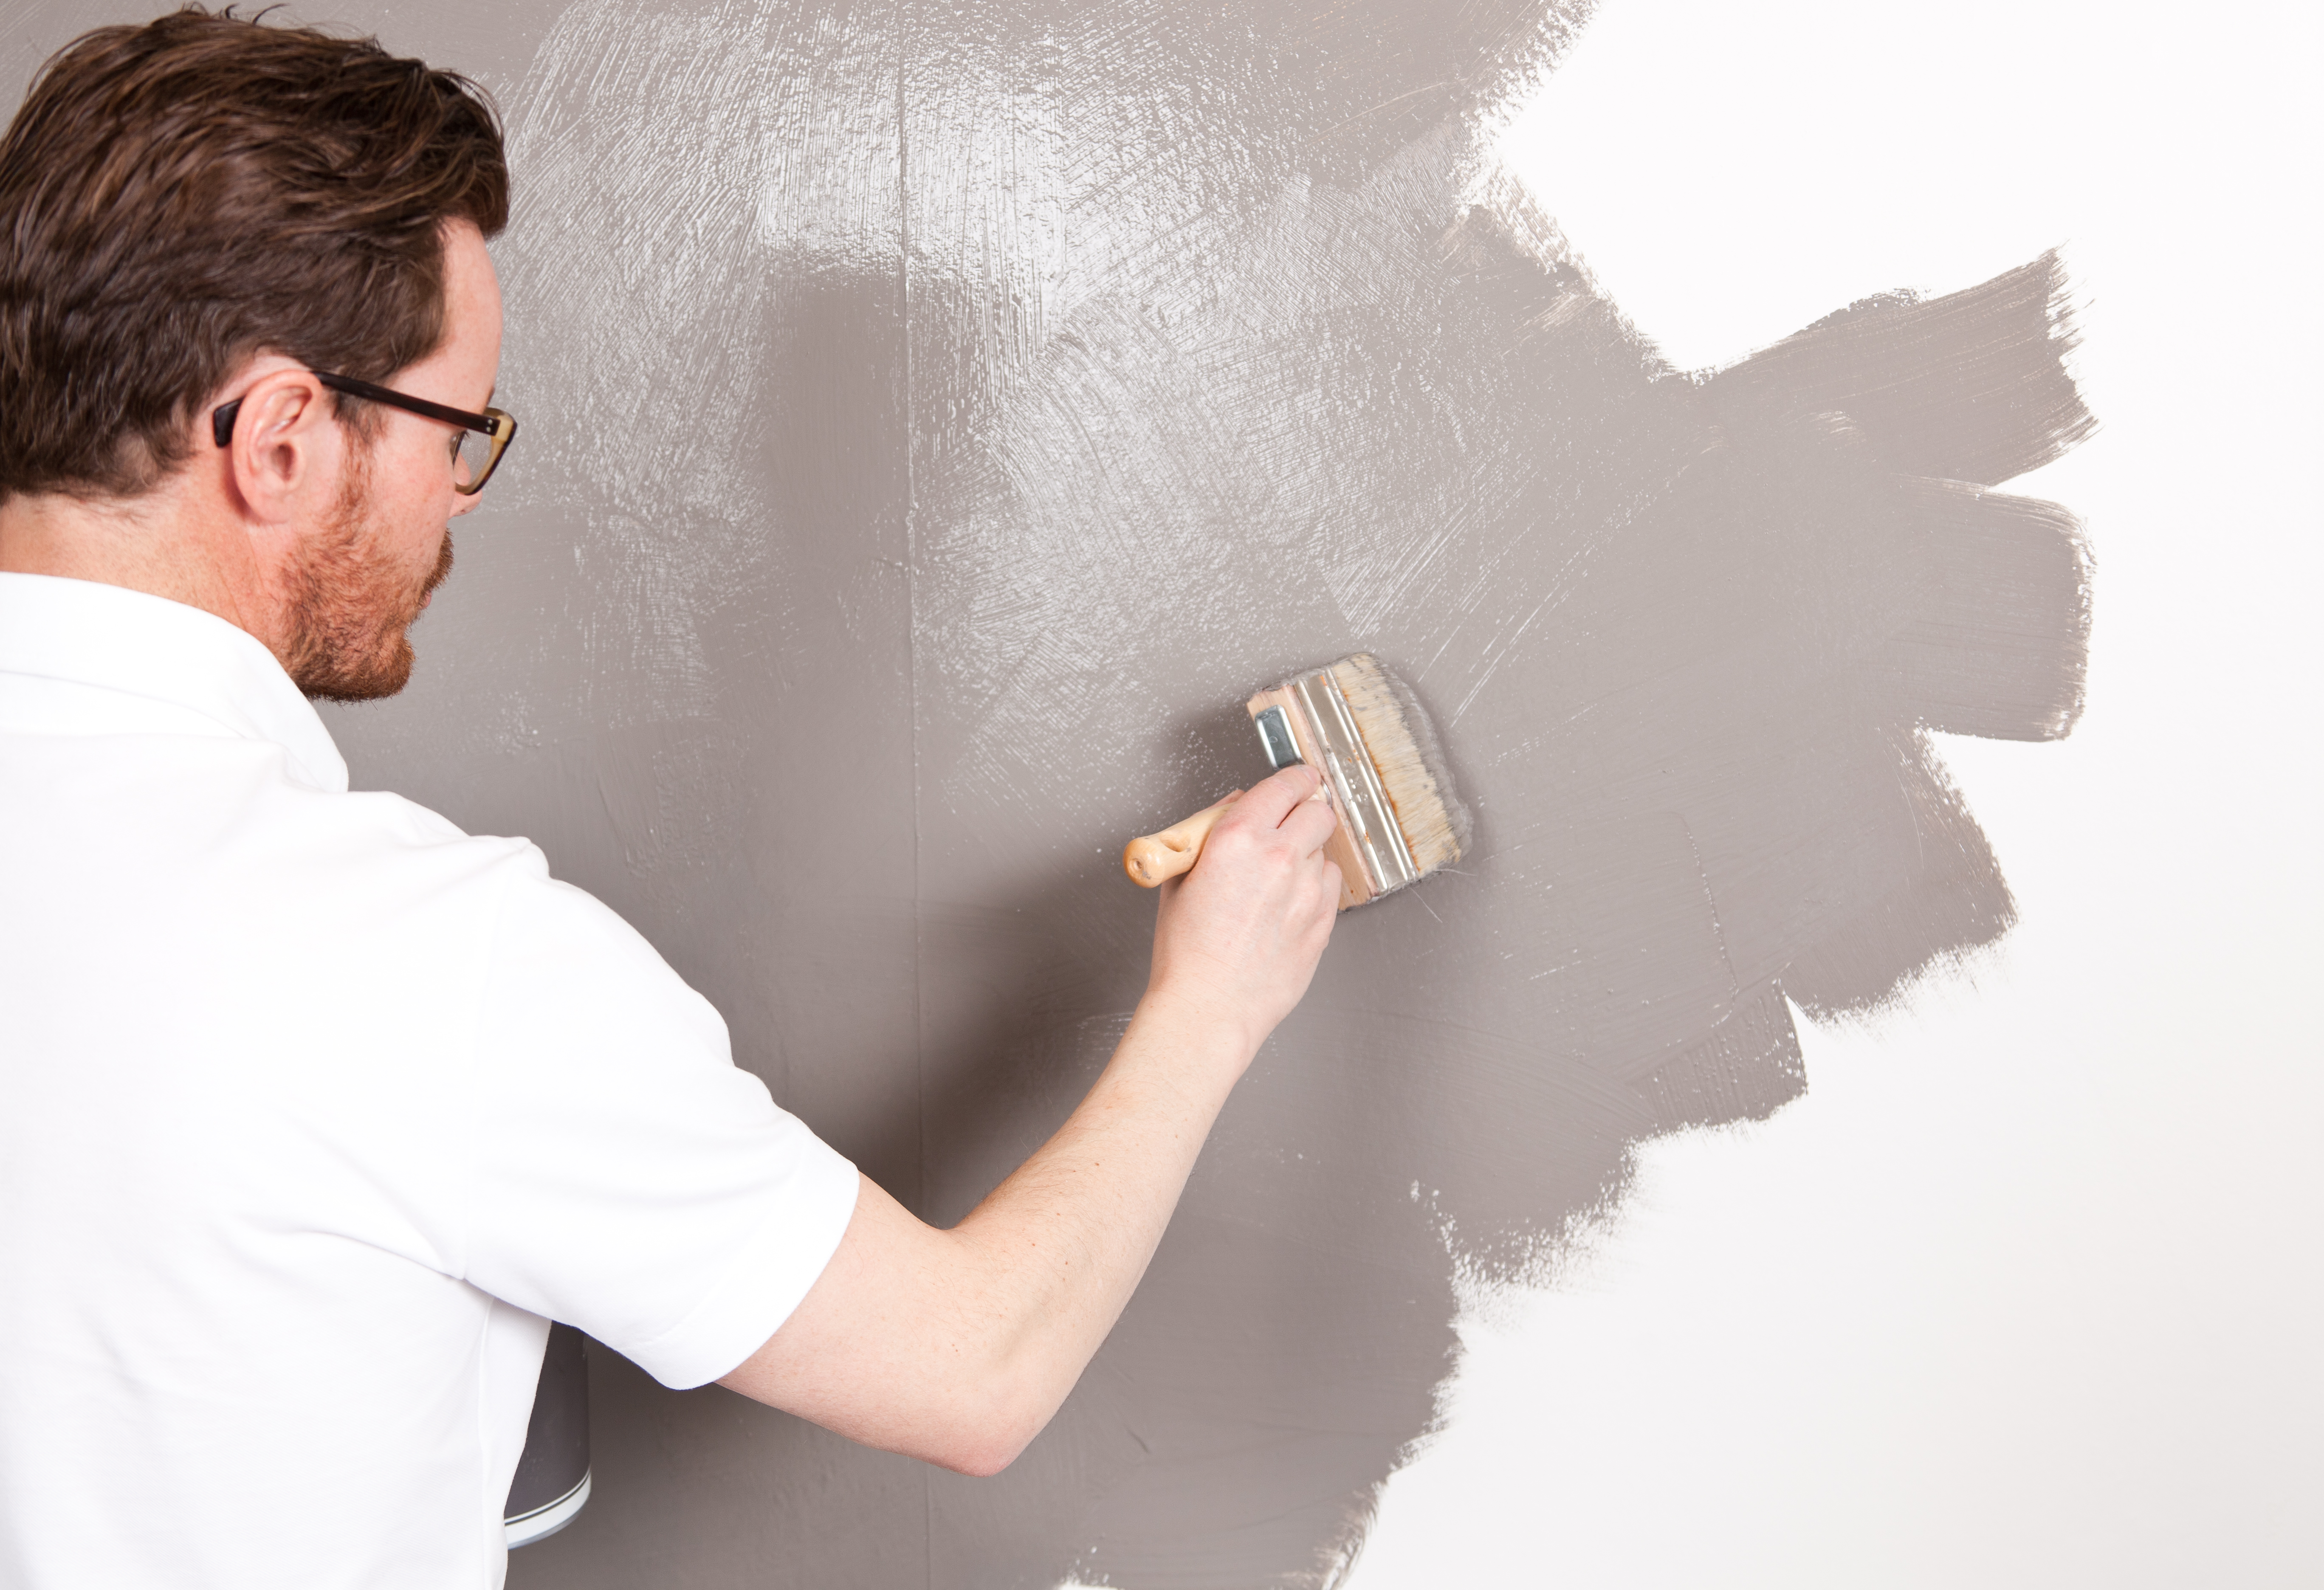 Det er ikke vanskelig å male, men krever en helt annen teknikk en vanlig interiørmaling.